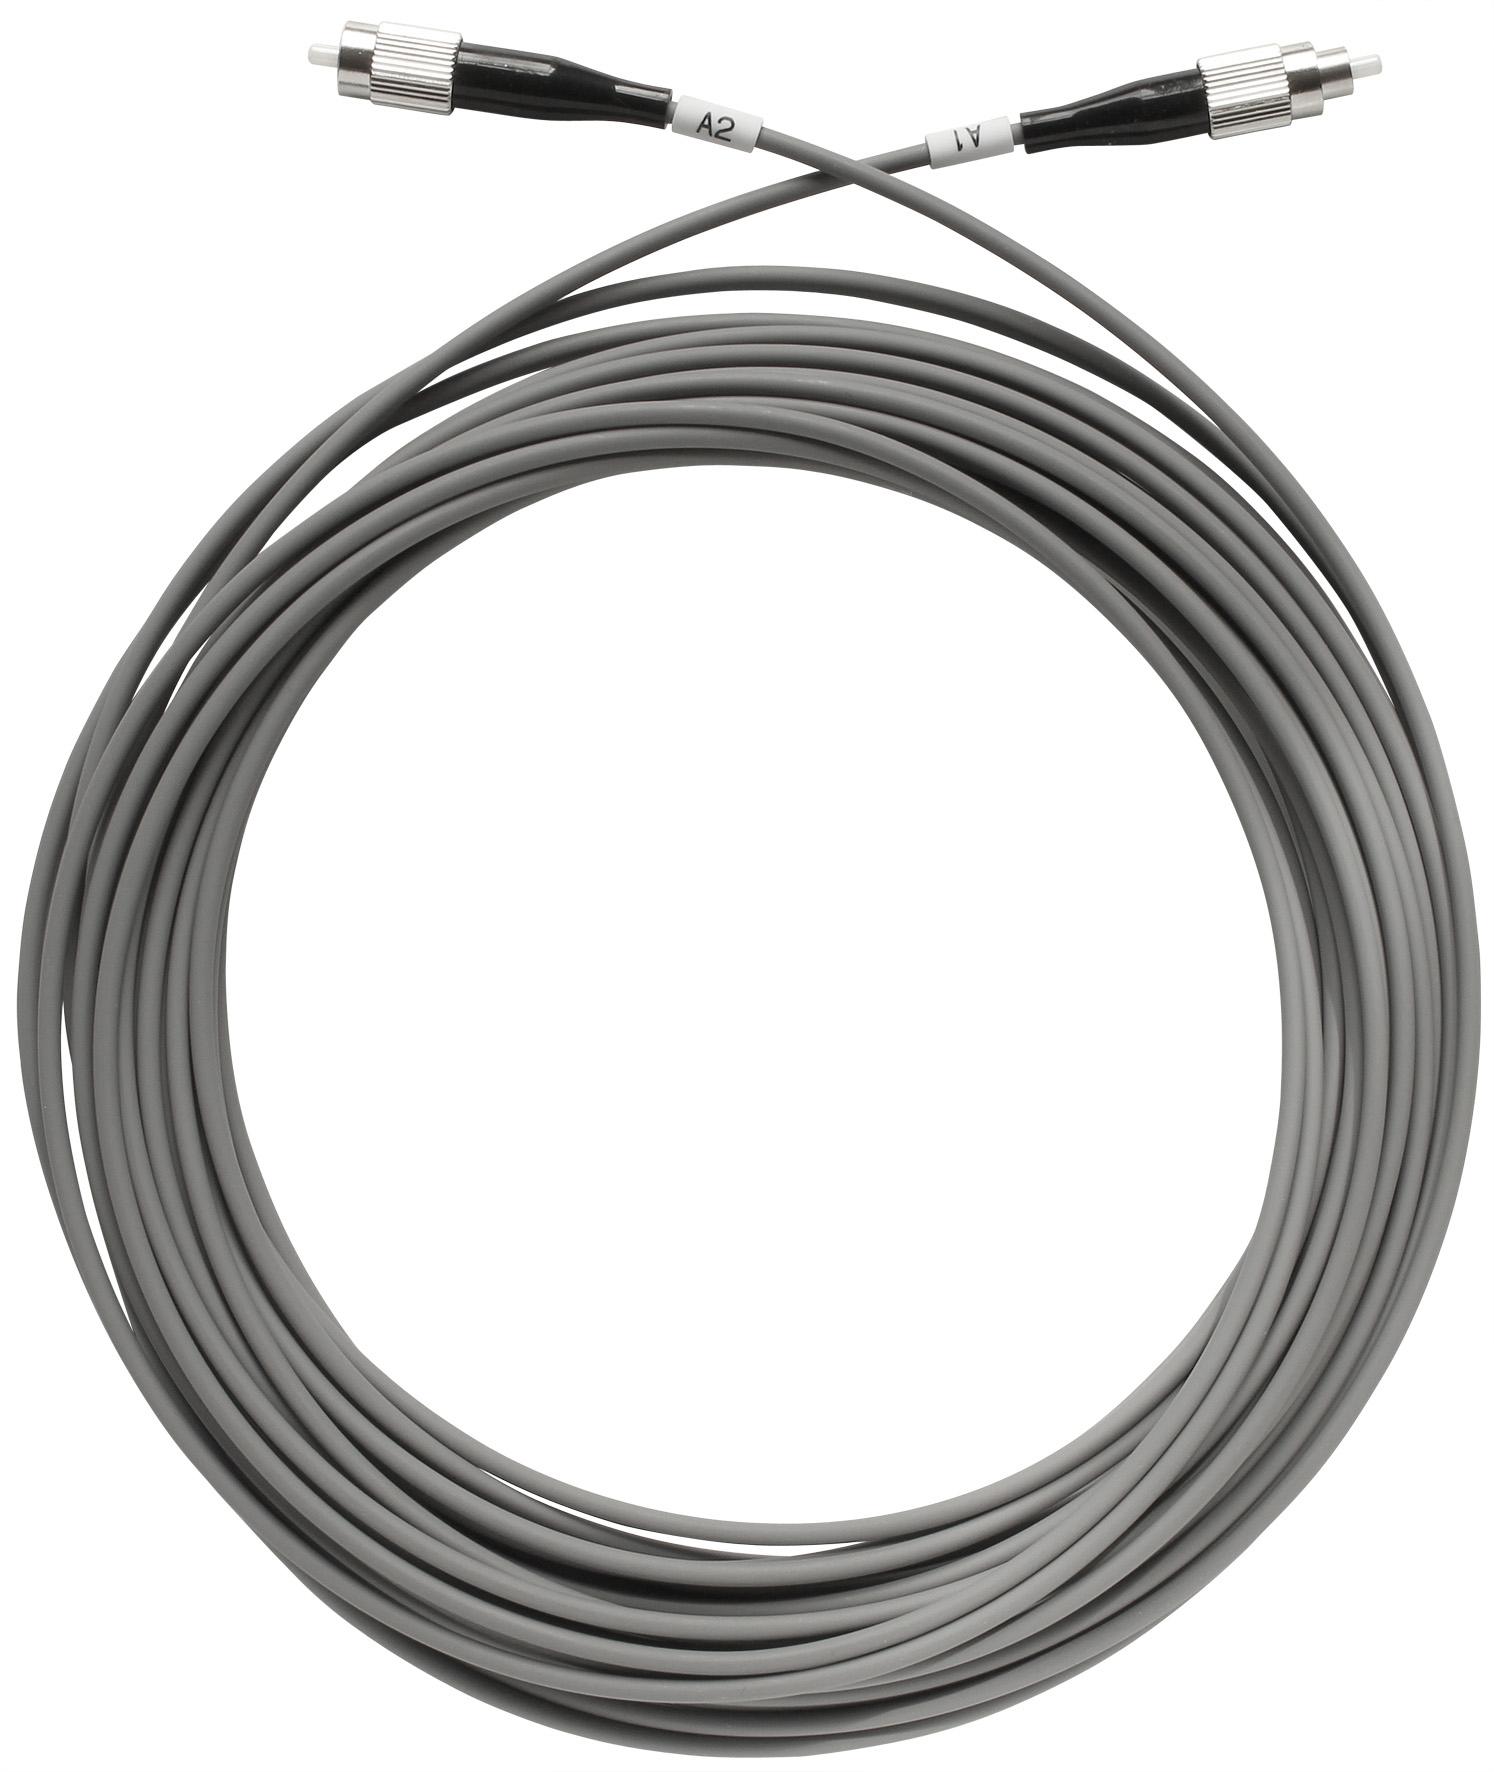 1 Stk SAT LWL-Patchkabel, FC/PC-Stecker, grau, 10m, OAK 10-01 HSATFKS010